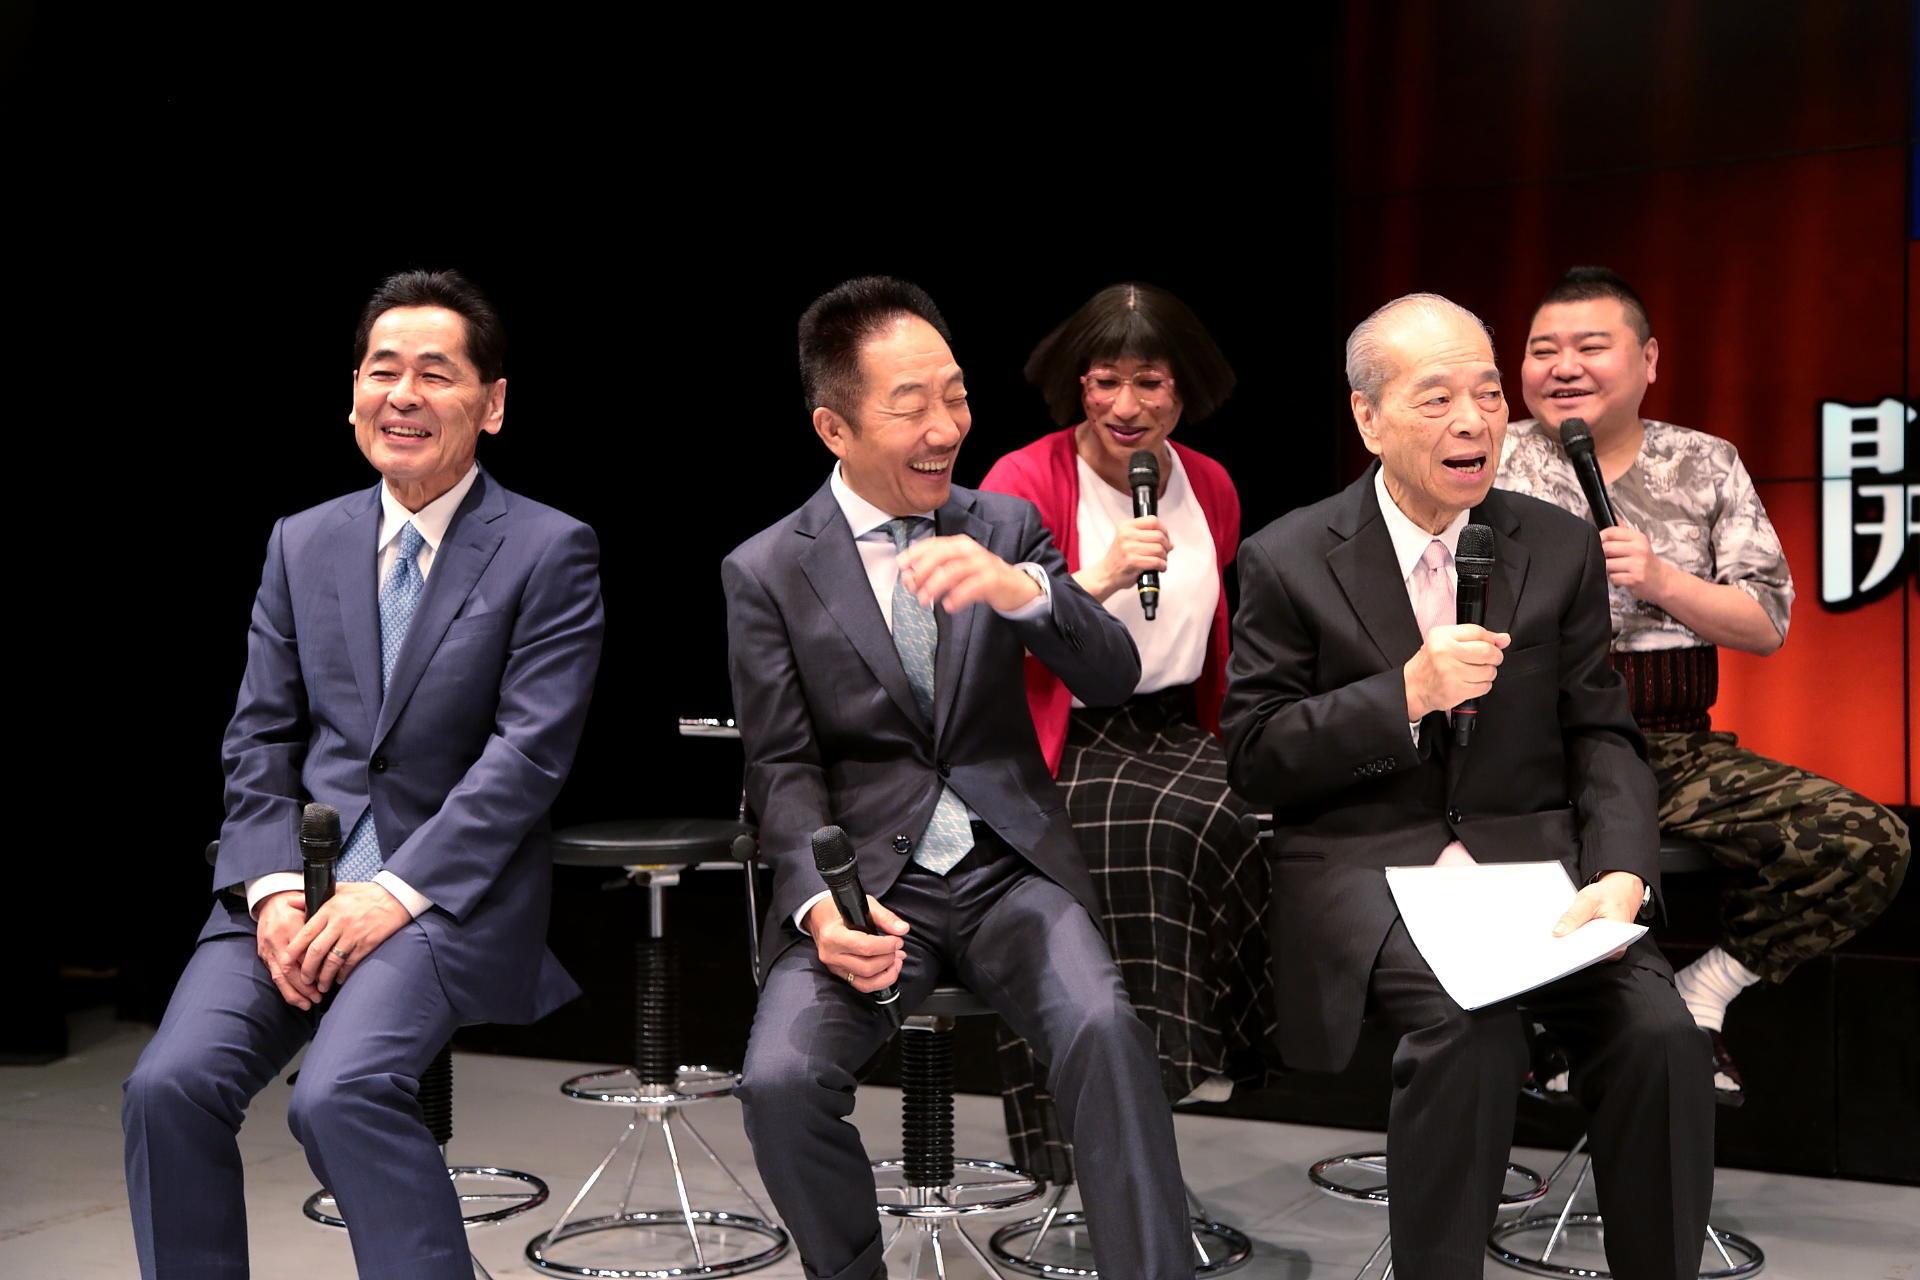 http://news.yoshimoto.co.jp/20180417125328-09b84cc4dec6de83161d54a0873d4719b0a679af.jpg